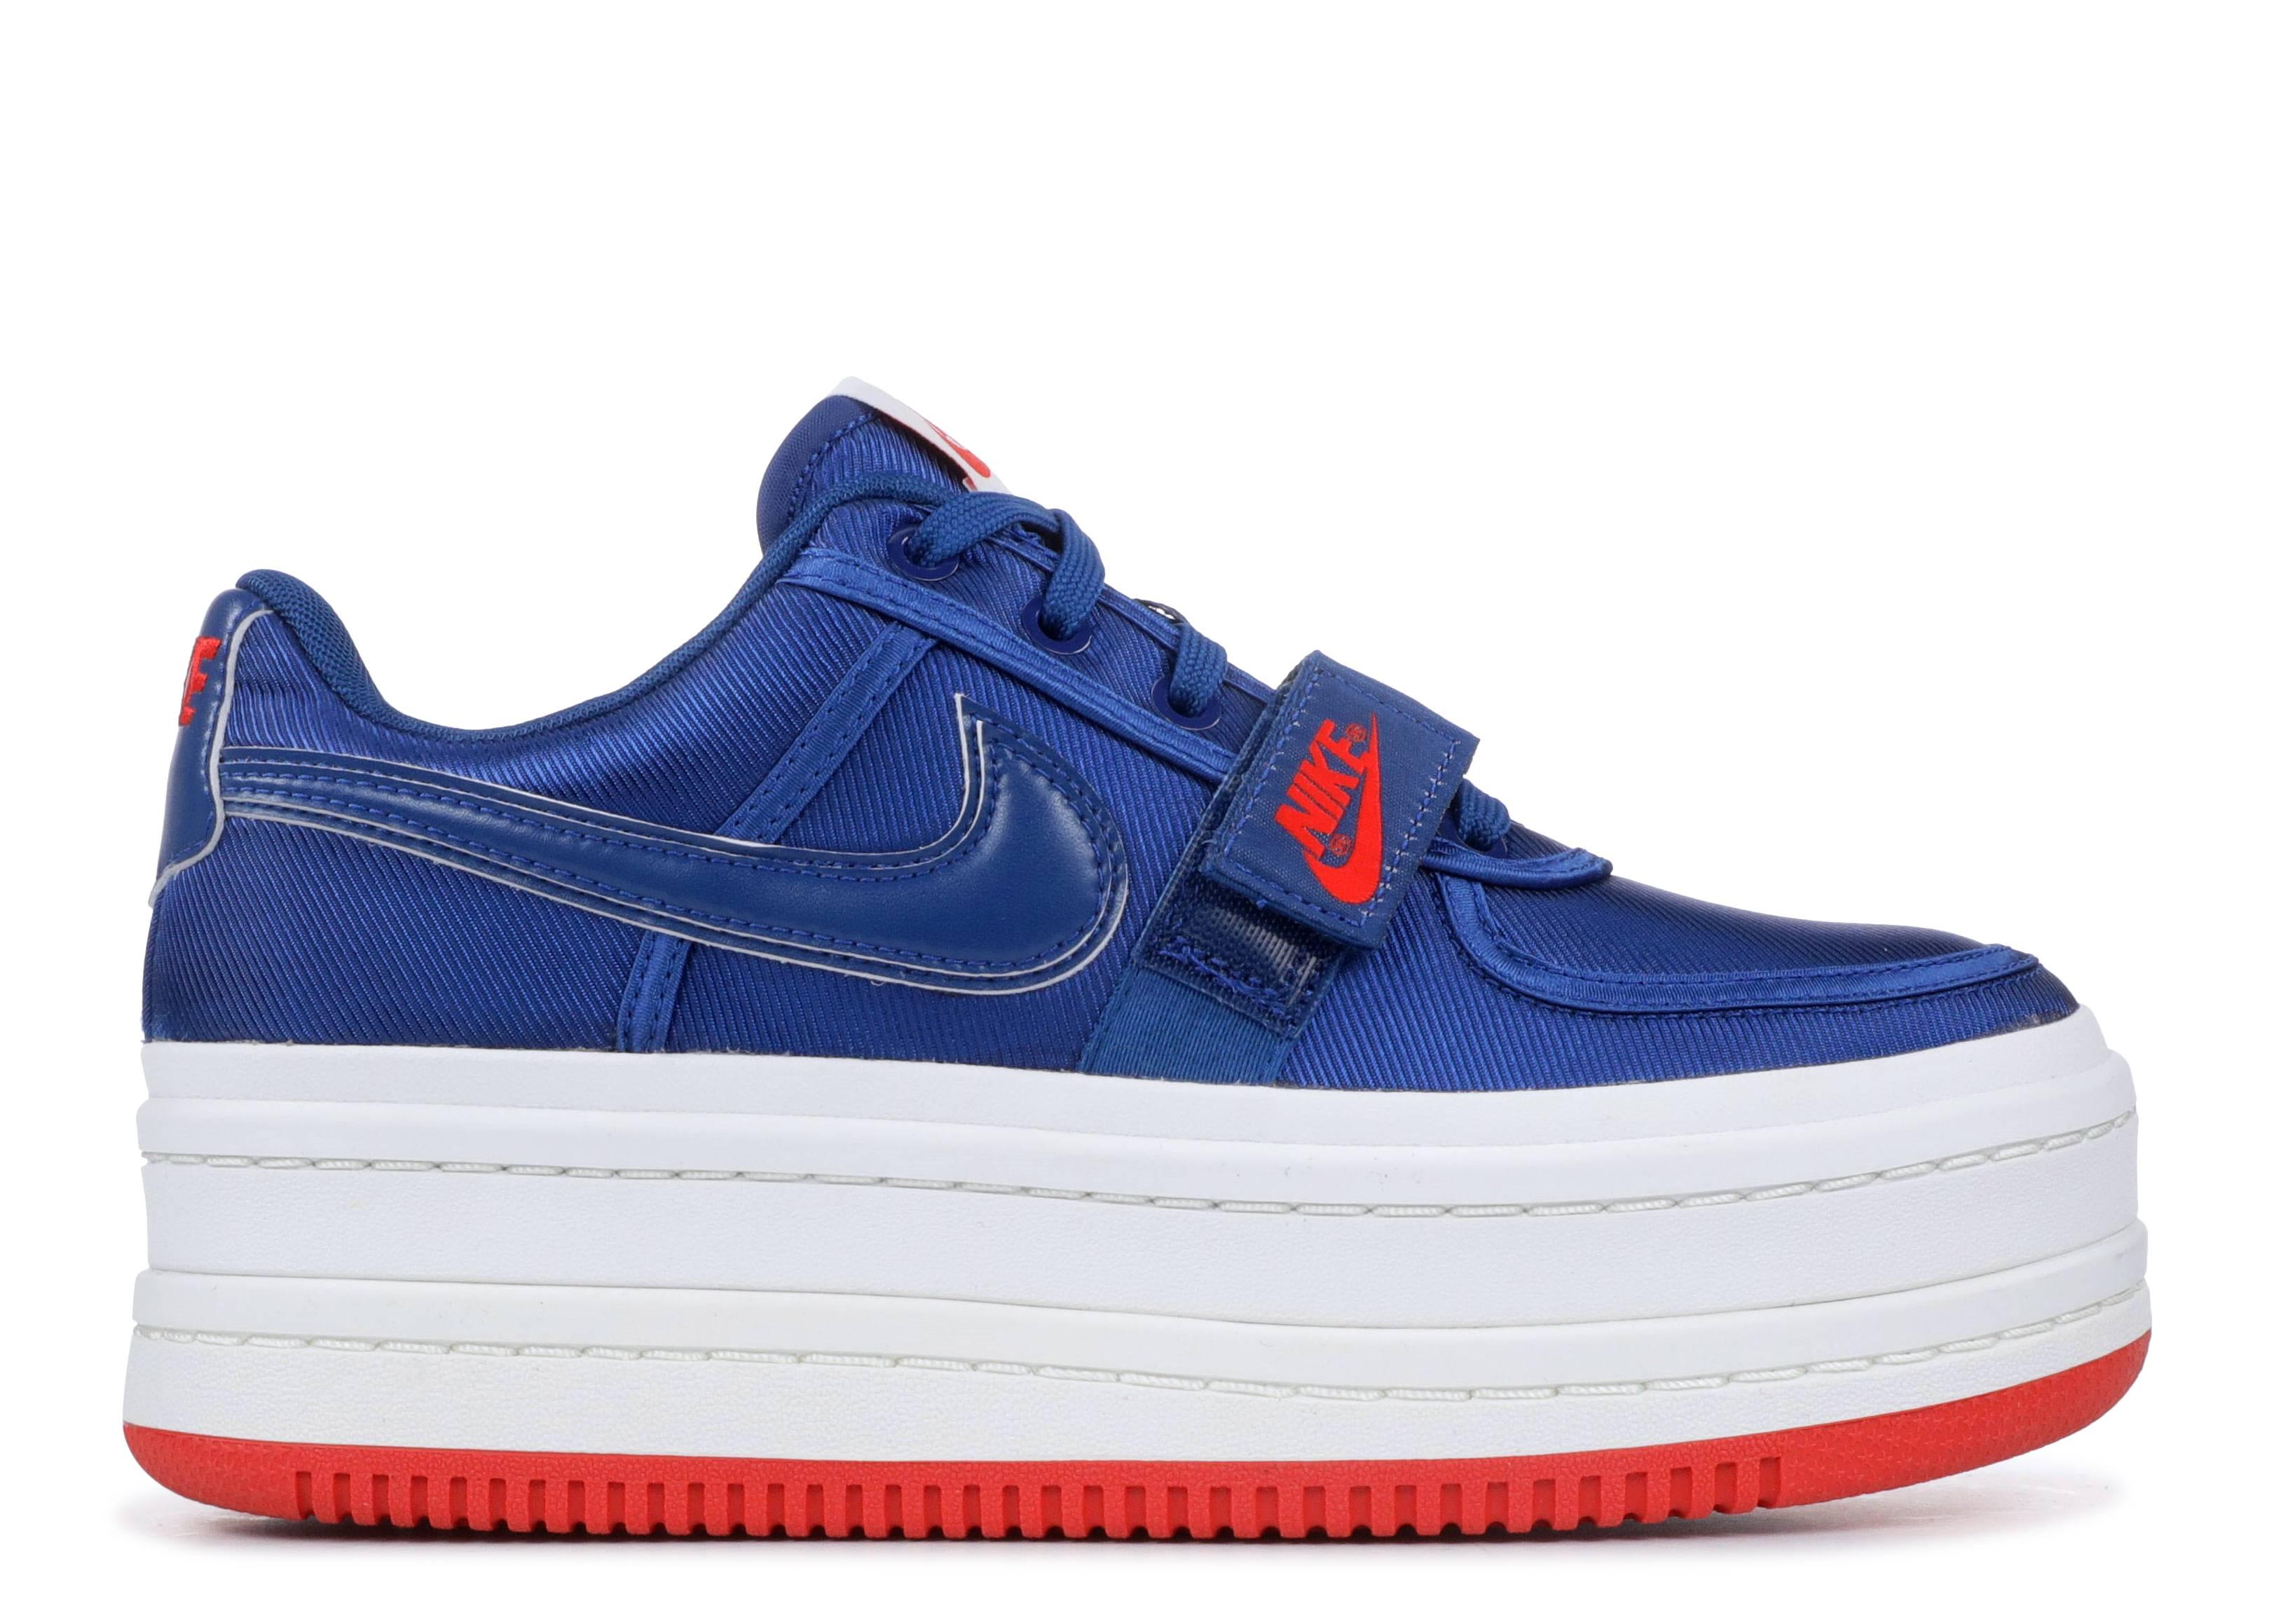 W Nike Vandal 2x